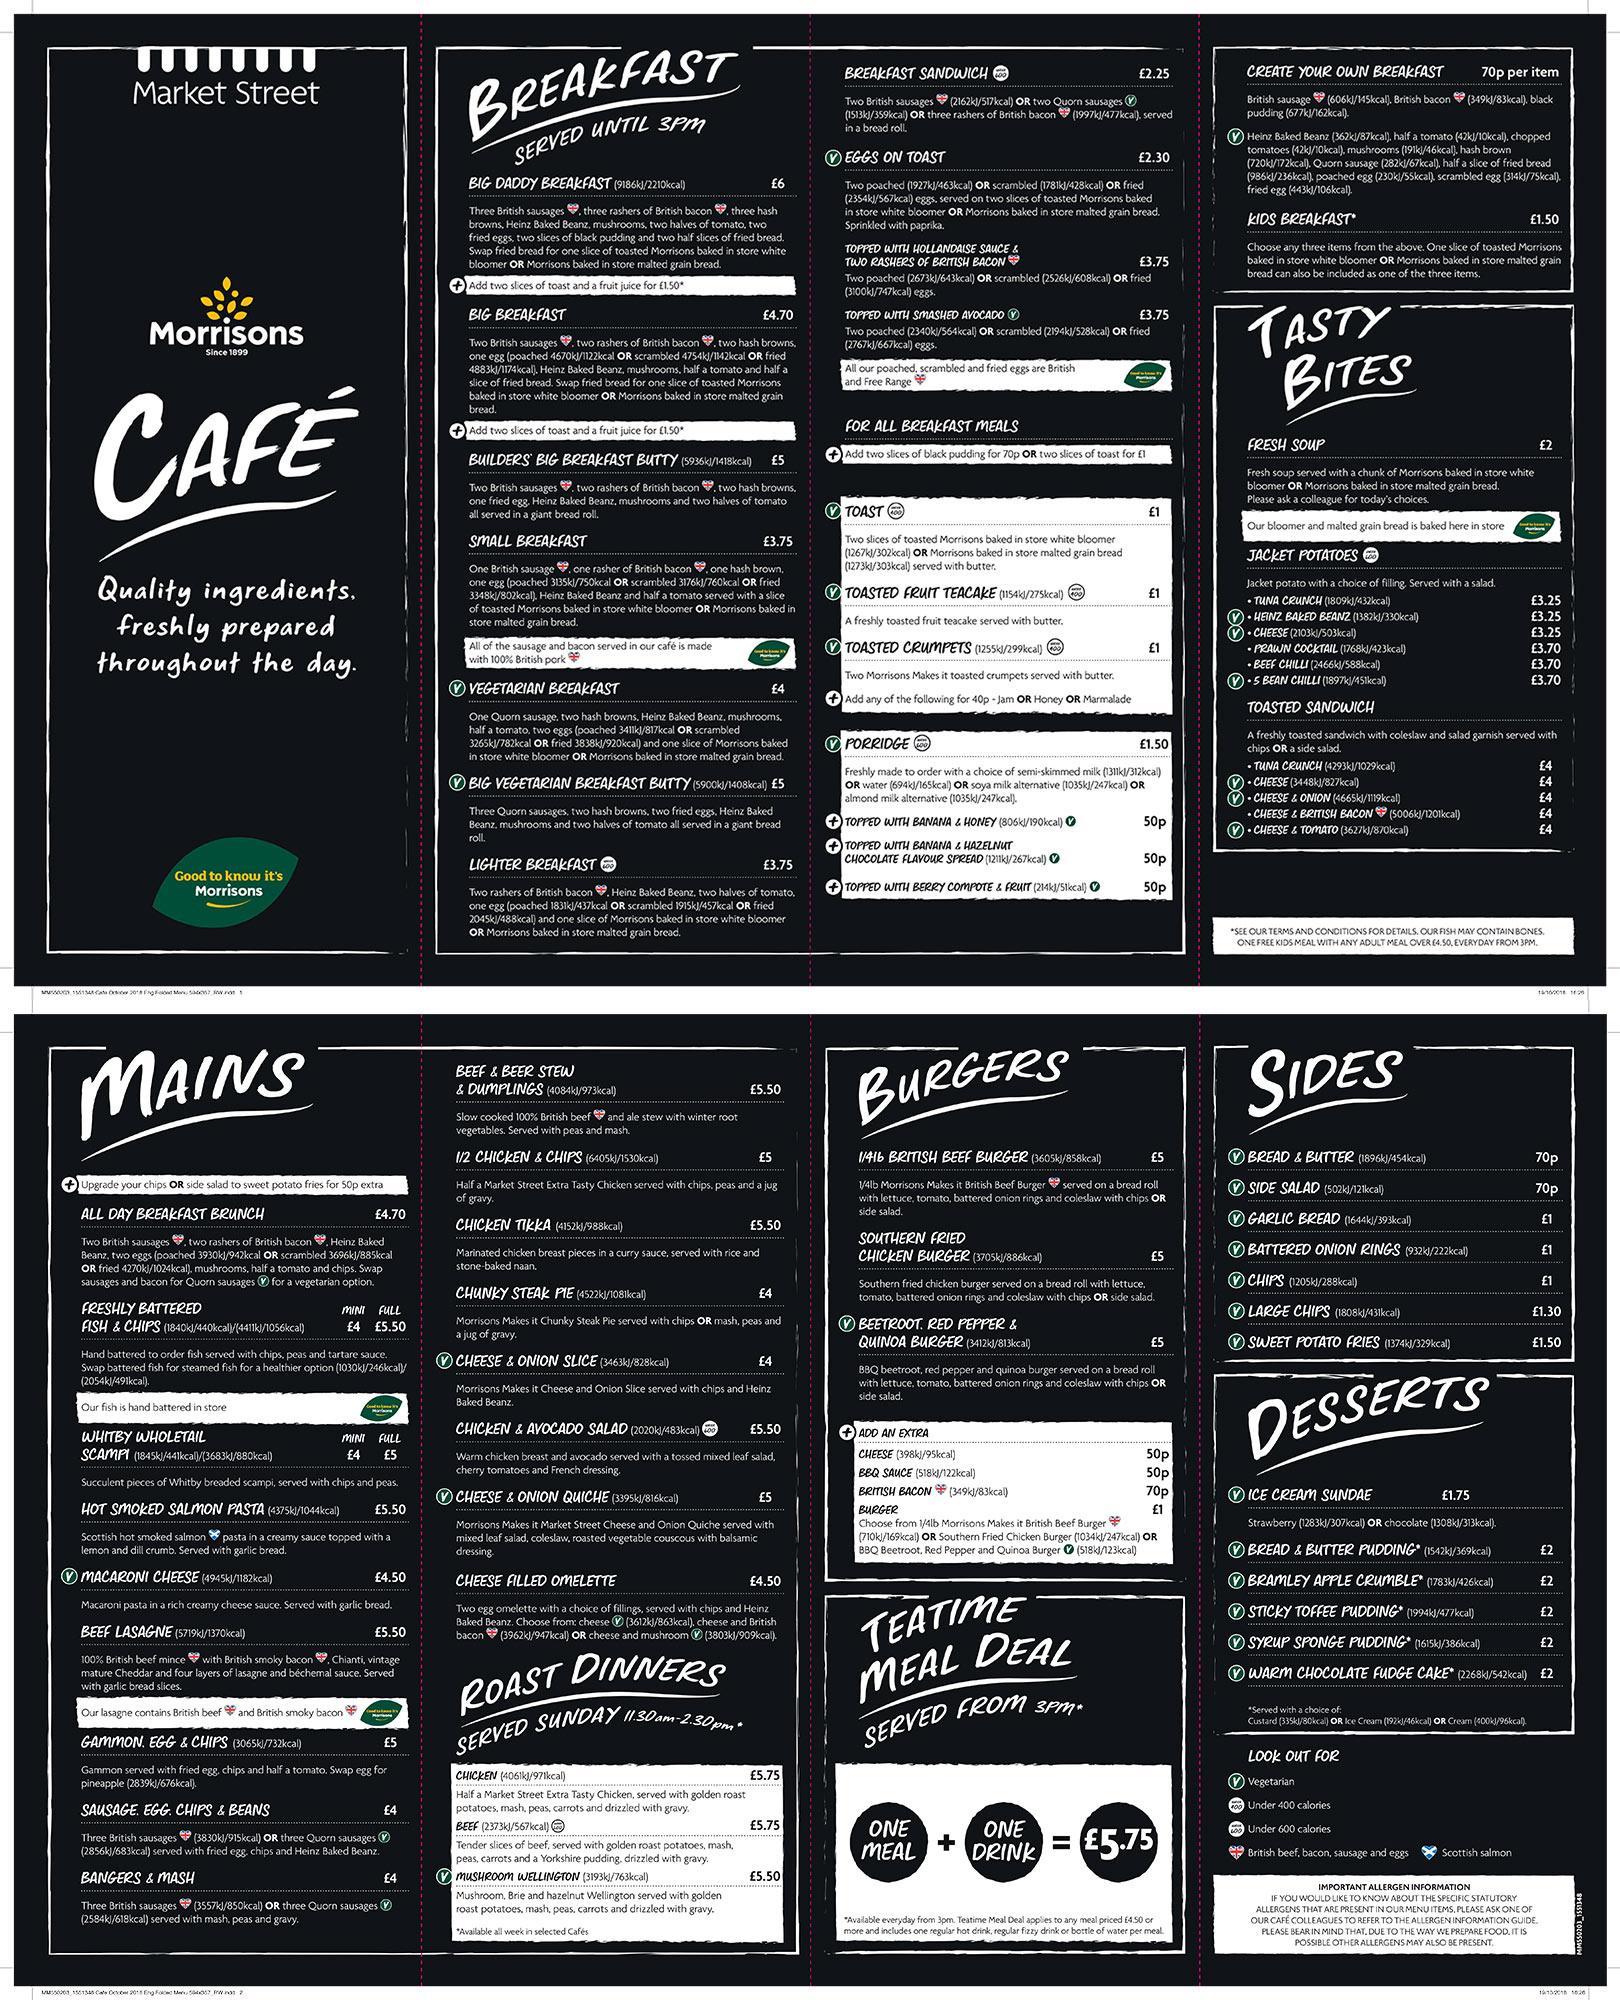 our morrisons cafe menu - morrisons